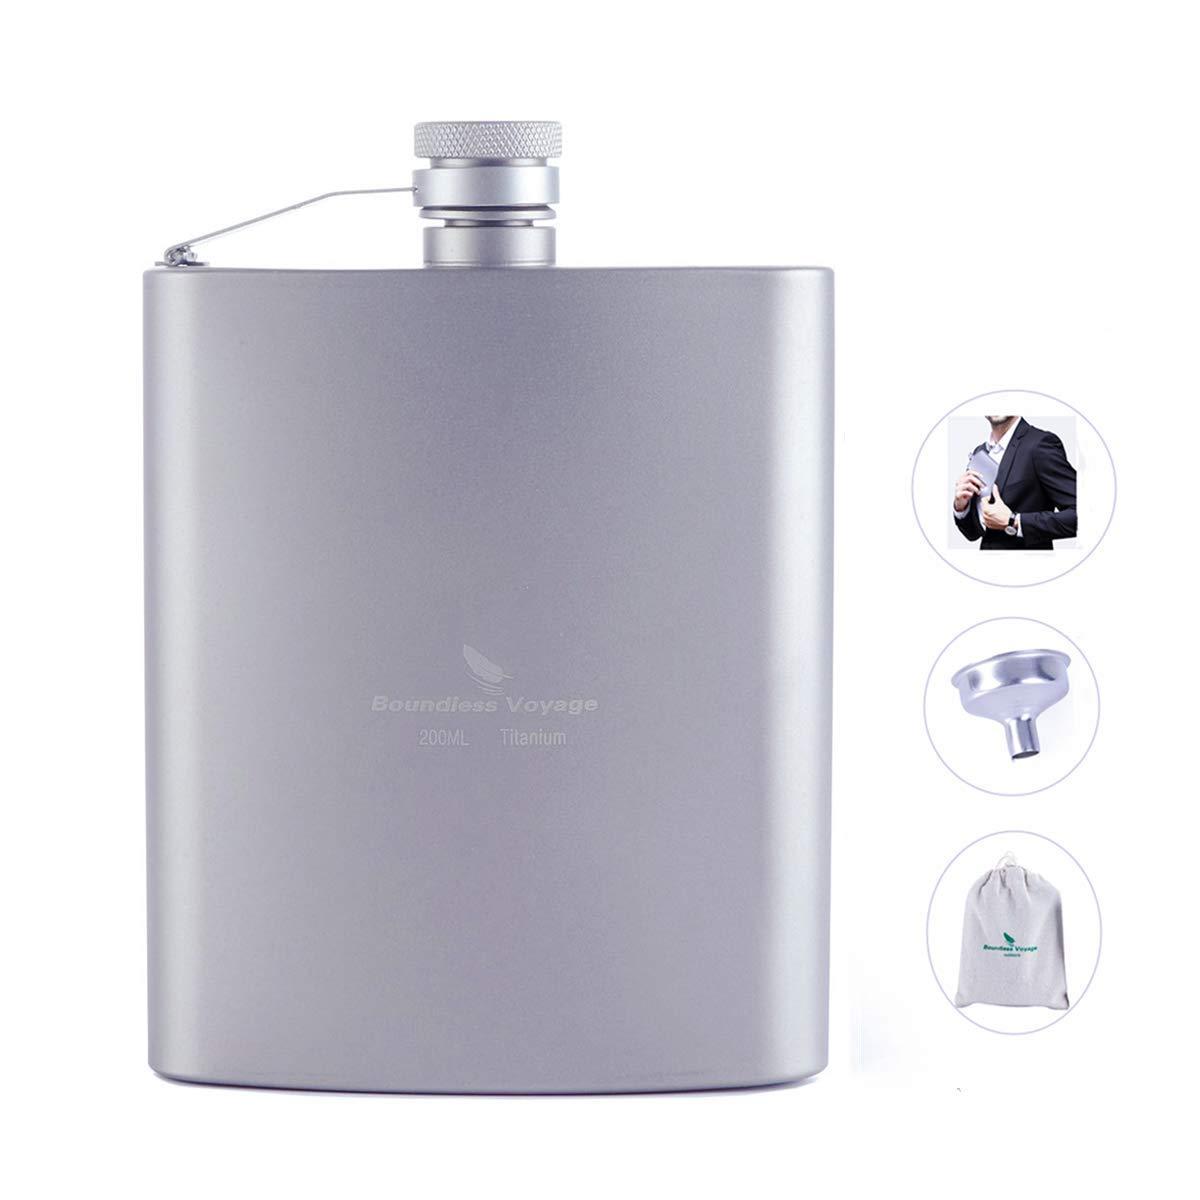 Plata ZYVoyage Petaca de titanio Mini Pocket Petaca con 7oz Capacidad volumen ultraligera port/átil resistente Vino olla Alcohol Beber Botella fijaci/ón de hip flask de dise/ño